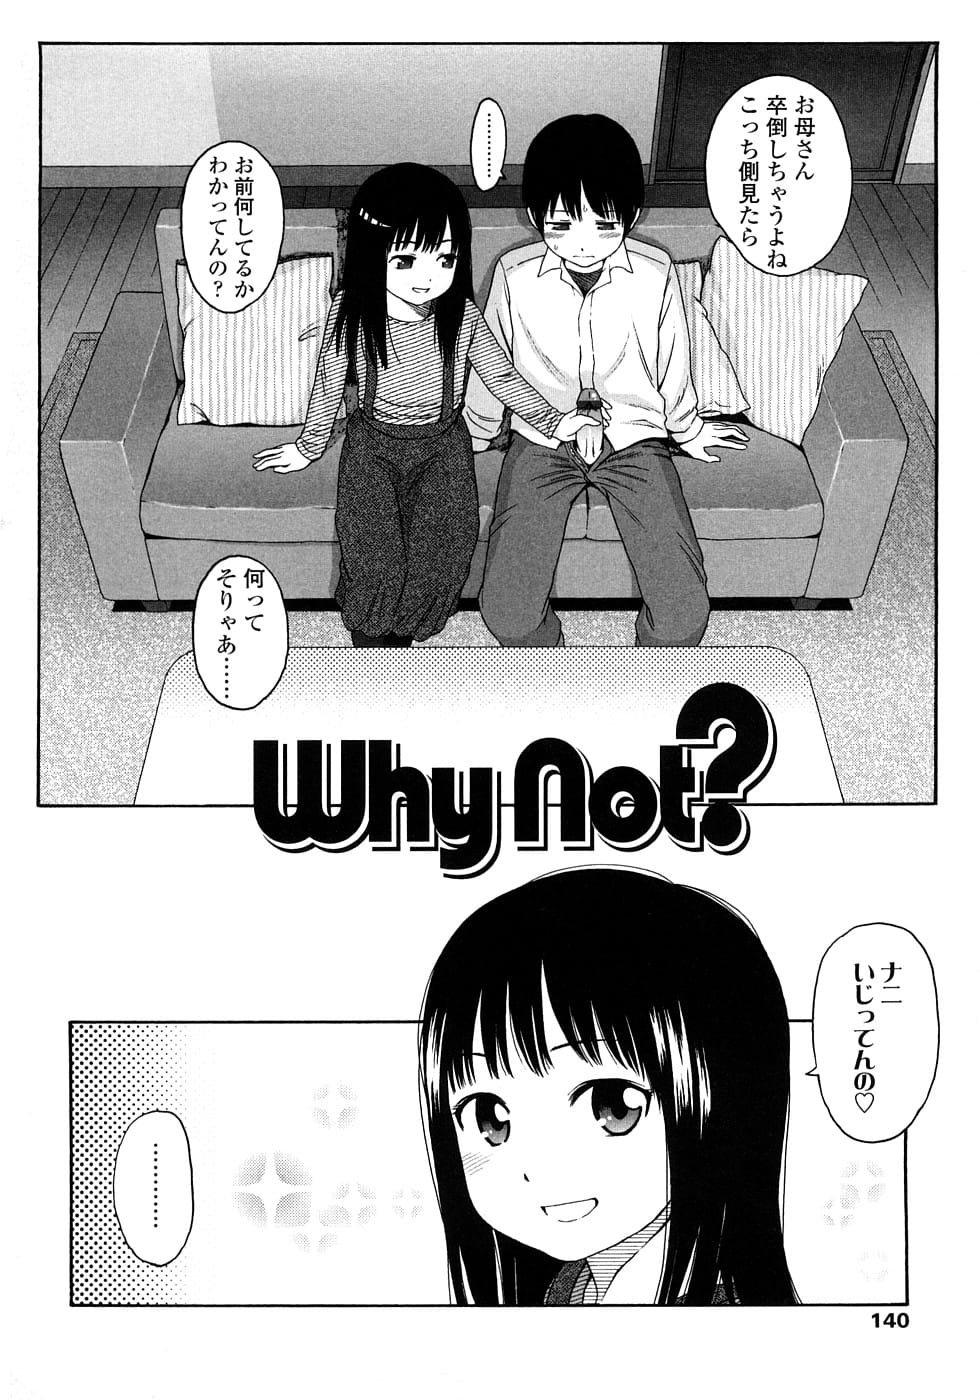 】【エロ同人・エロ漫画】妹モノのエロアニメを見ているところを妹に見つかってセックスすることになったwww